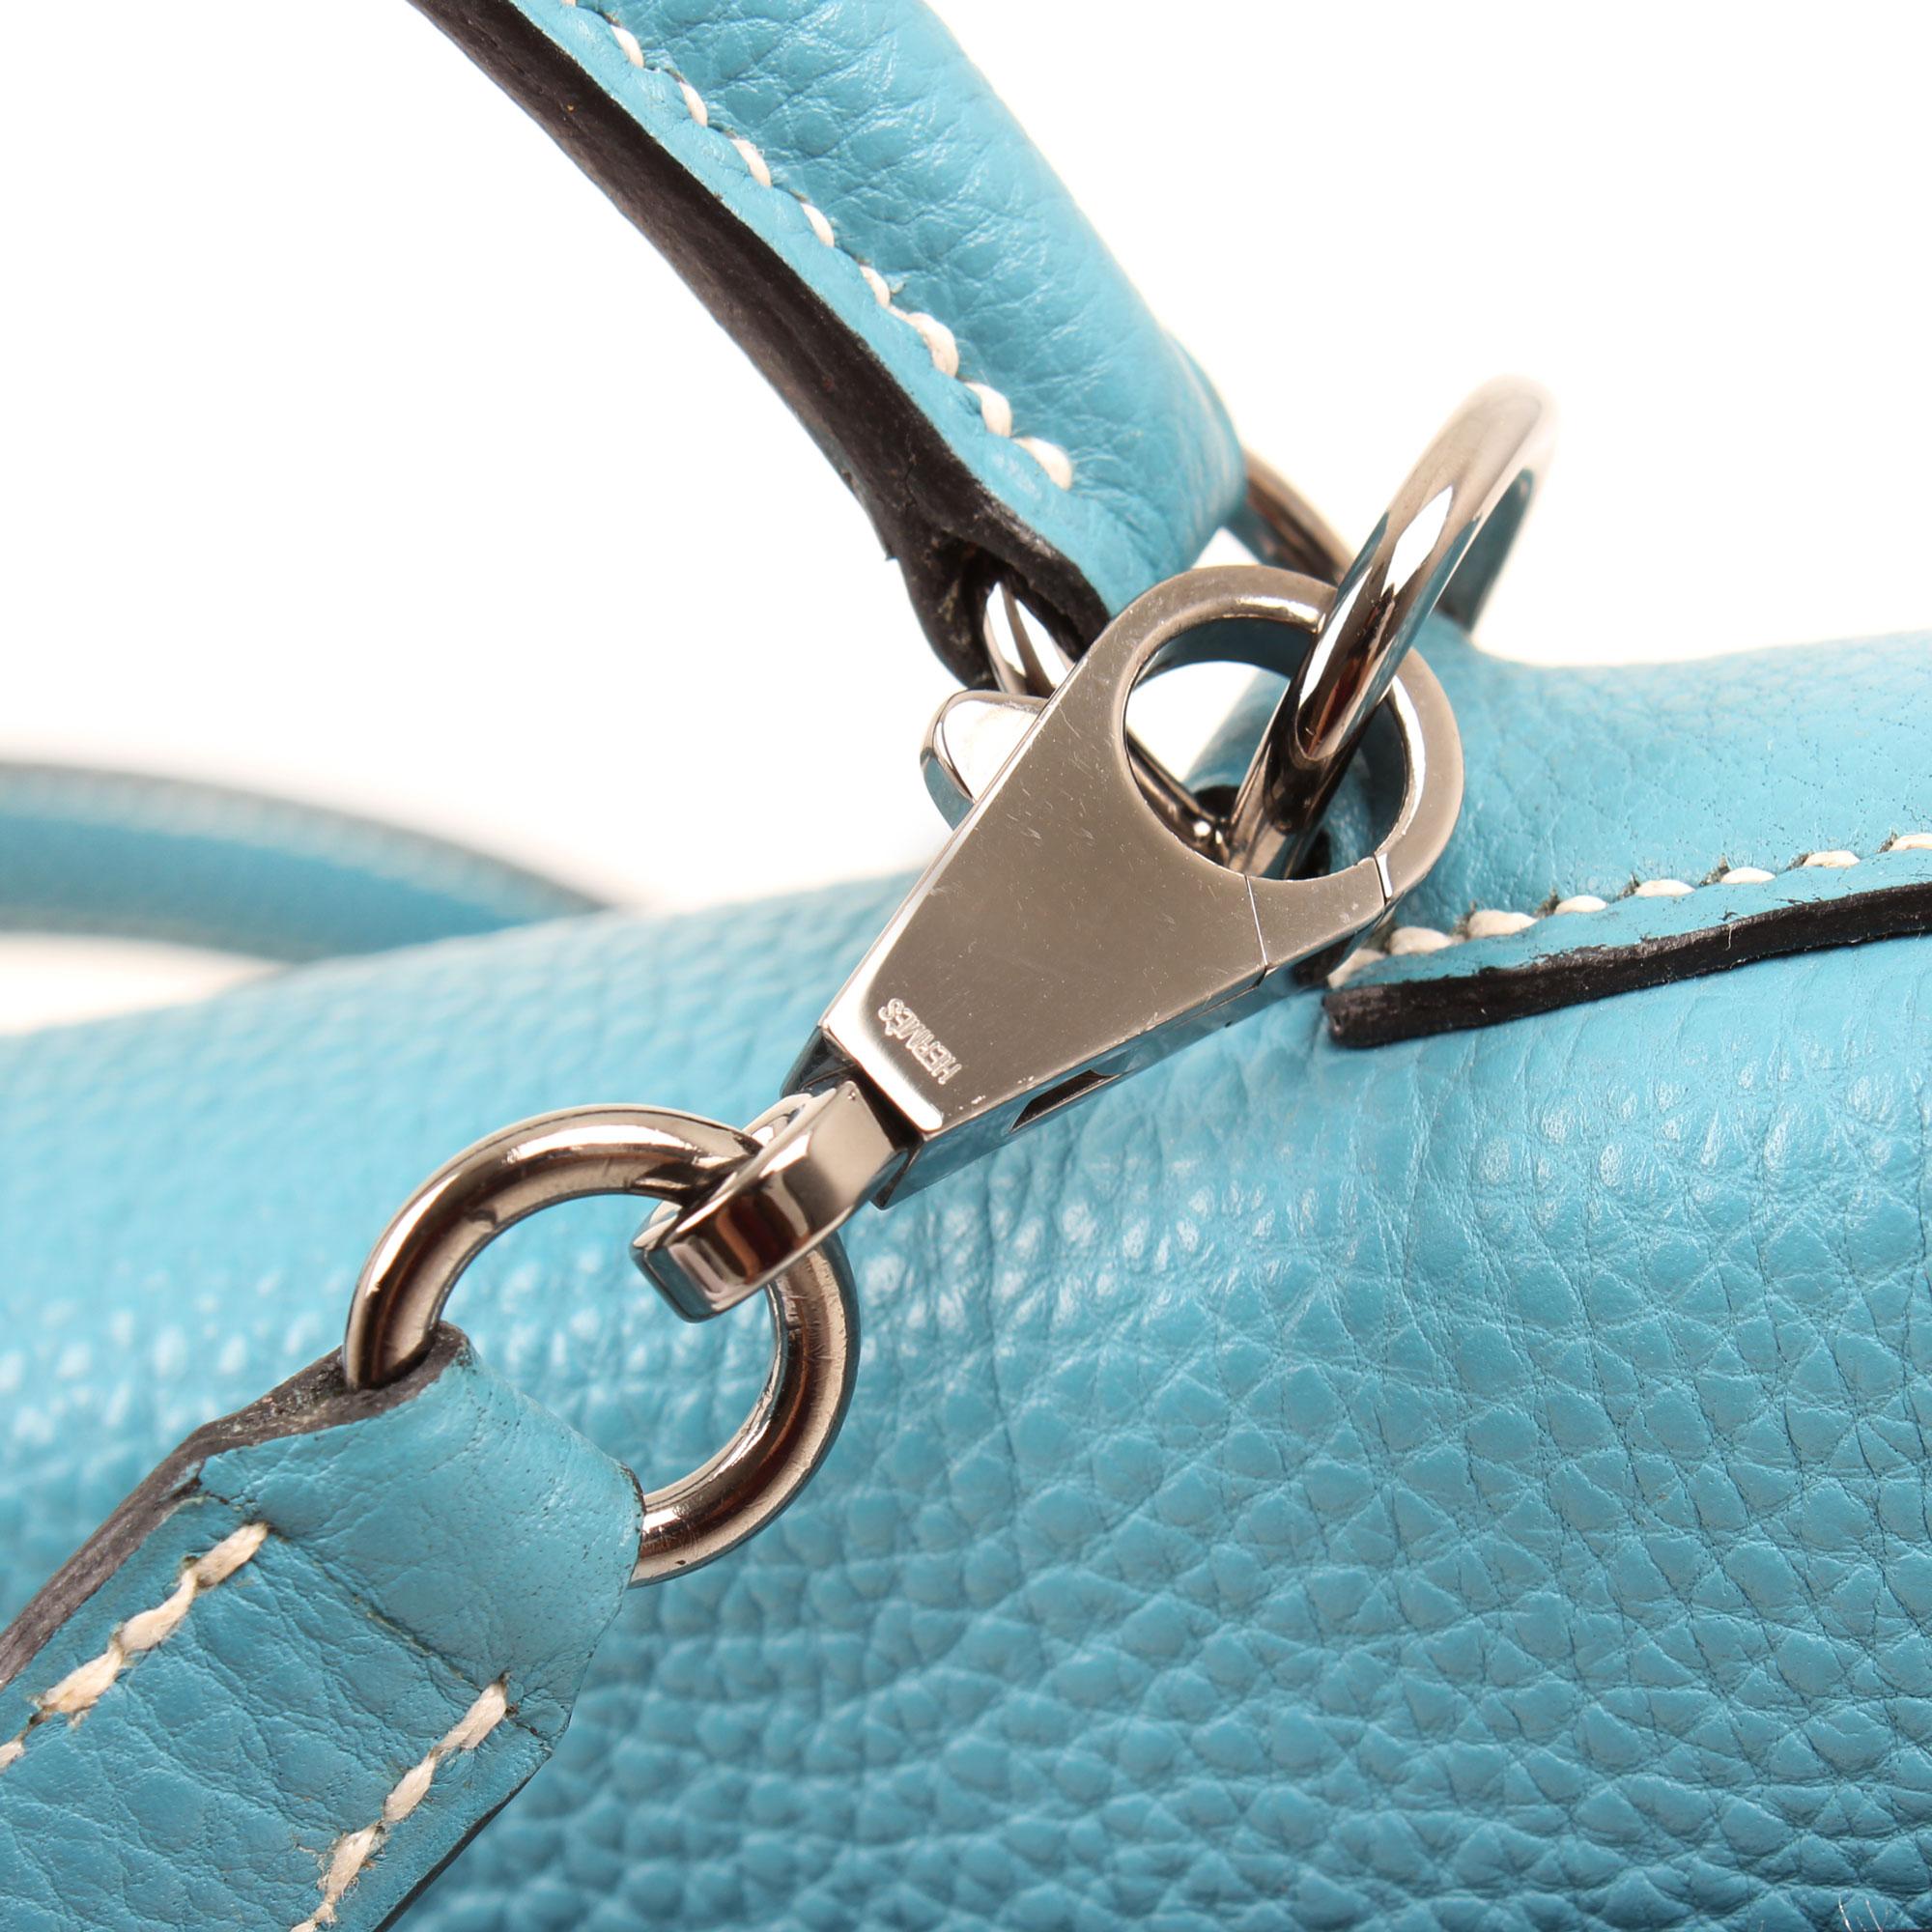 Hardware image of hermes kelly 32 blue jean retourne fjord leather bag